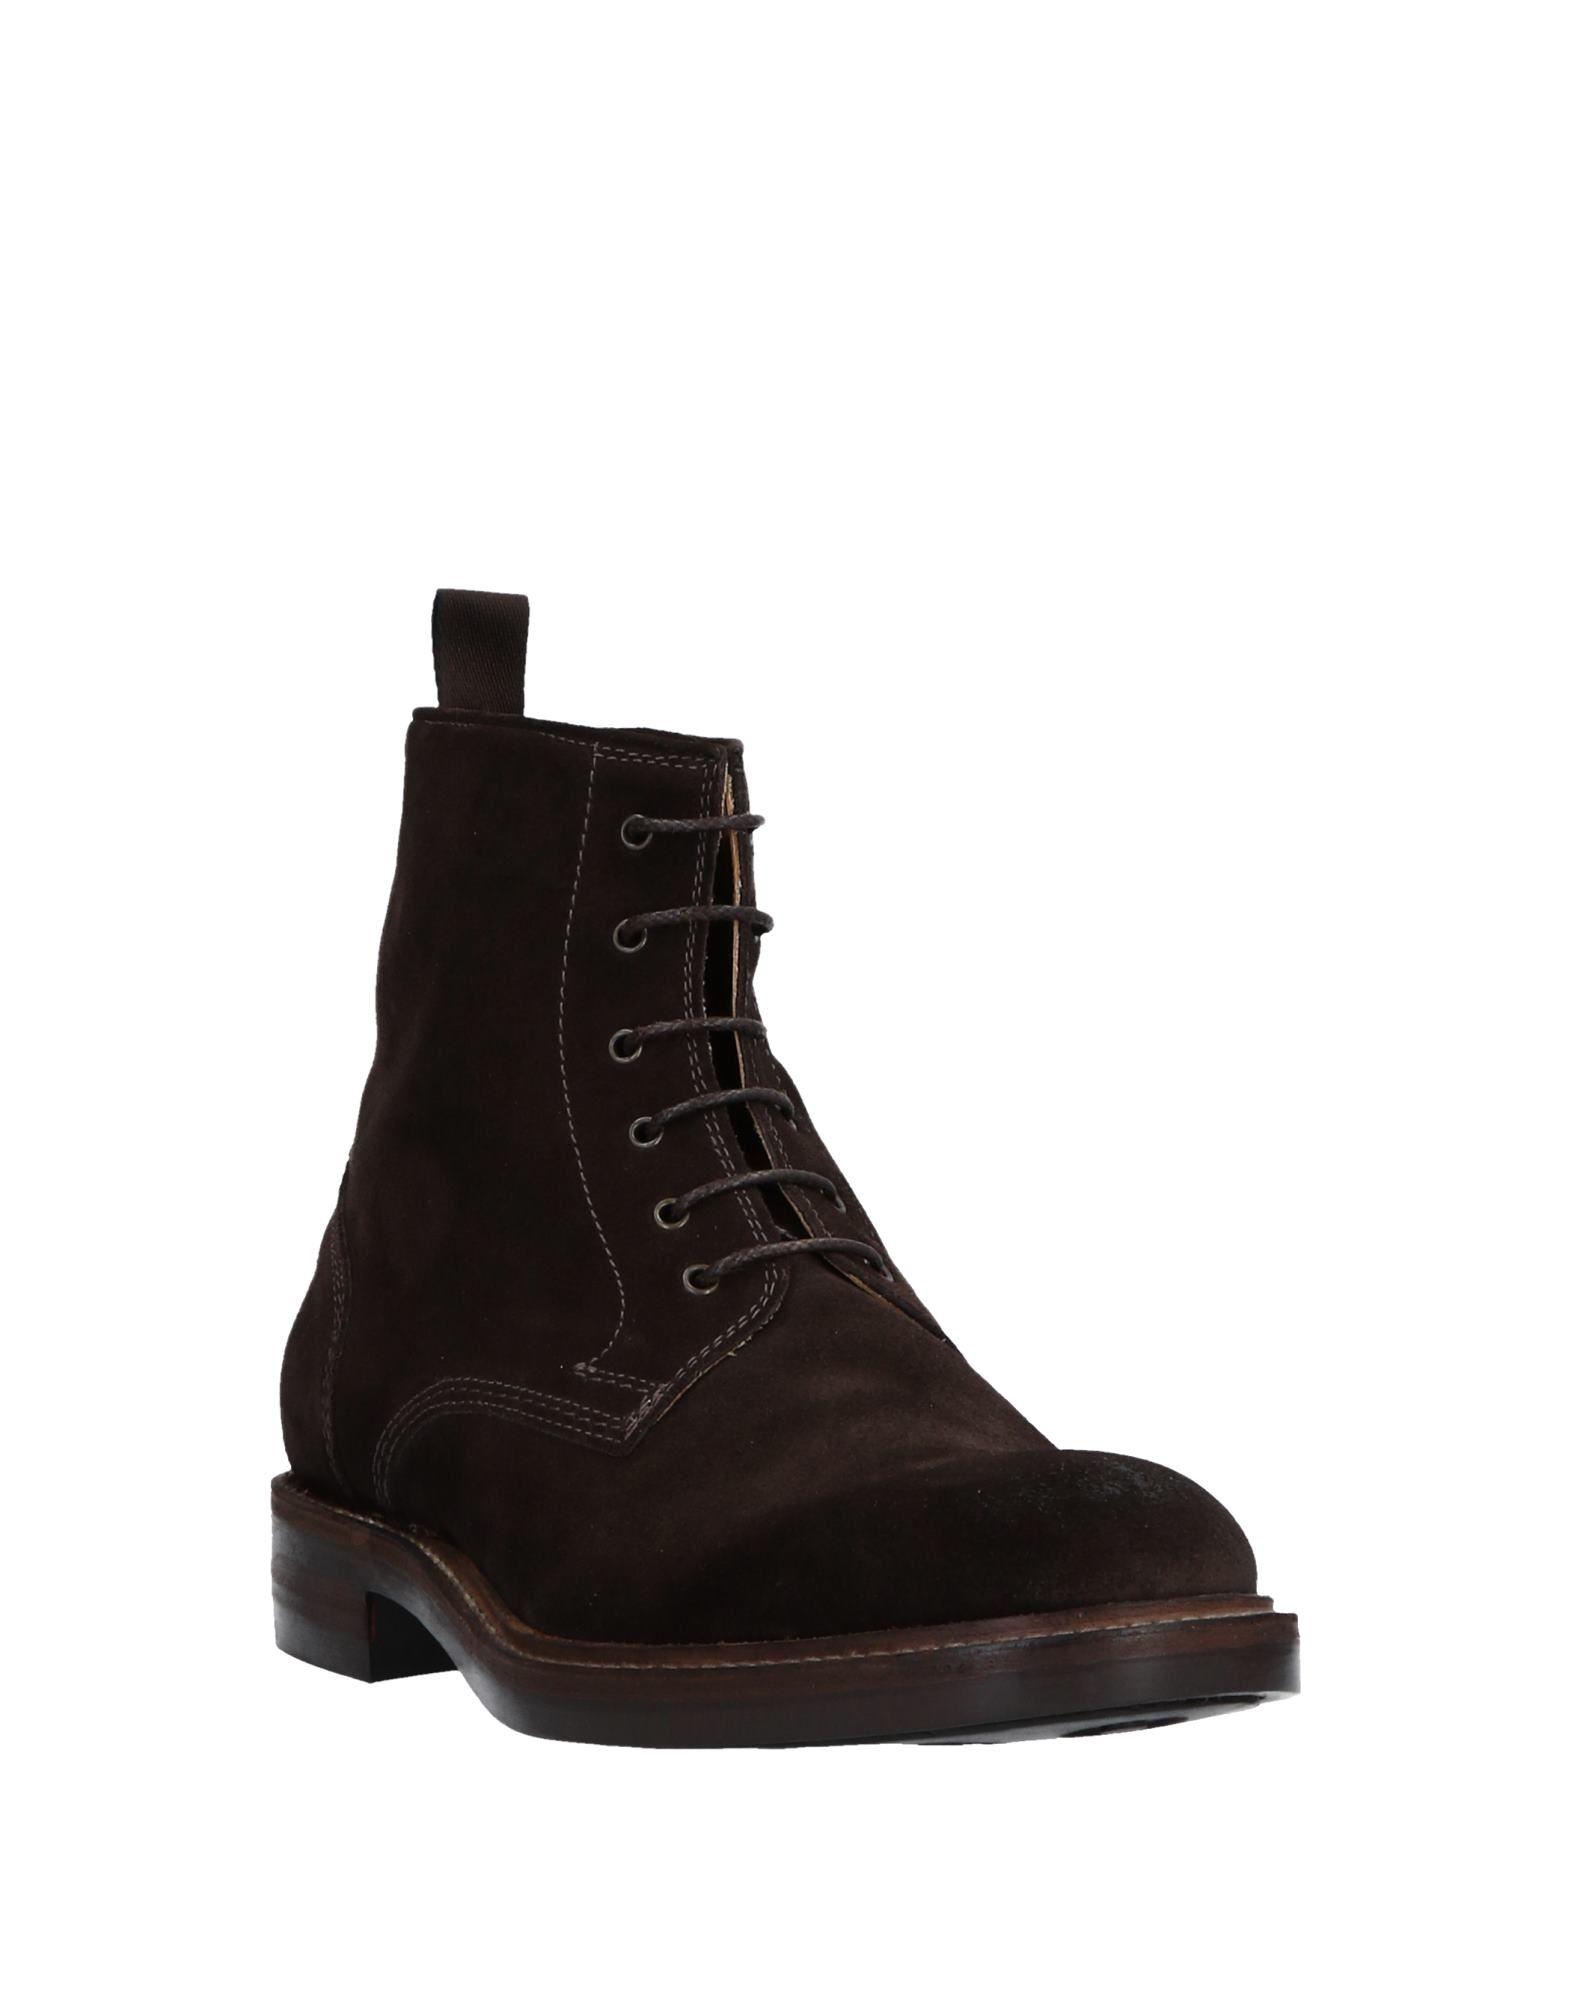 Corvari Gute Stiefelette Herren  11520426MN Gute Corvari Qualität beliebte Schuhe 5f6e09